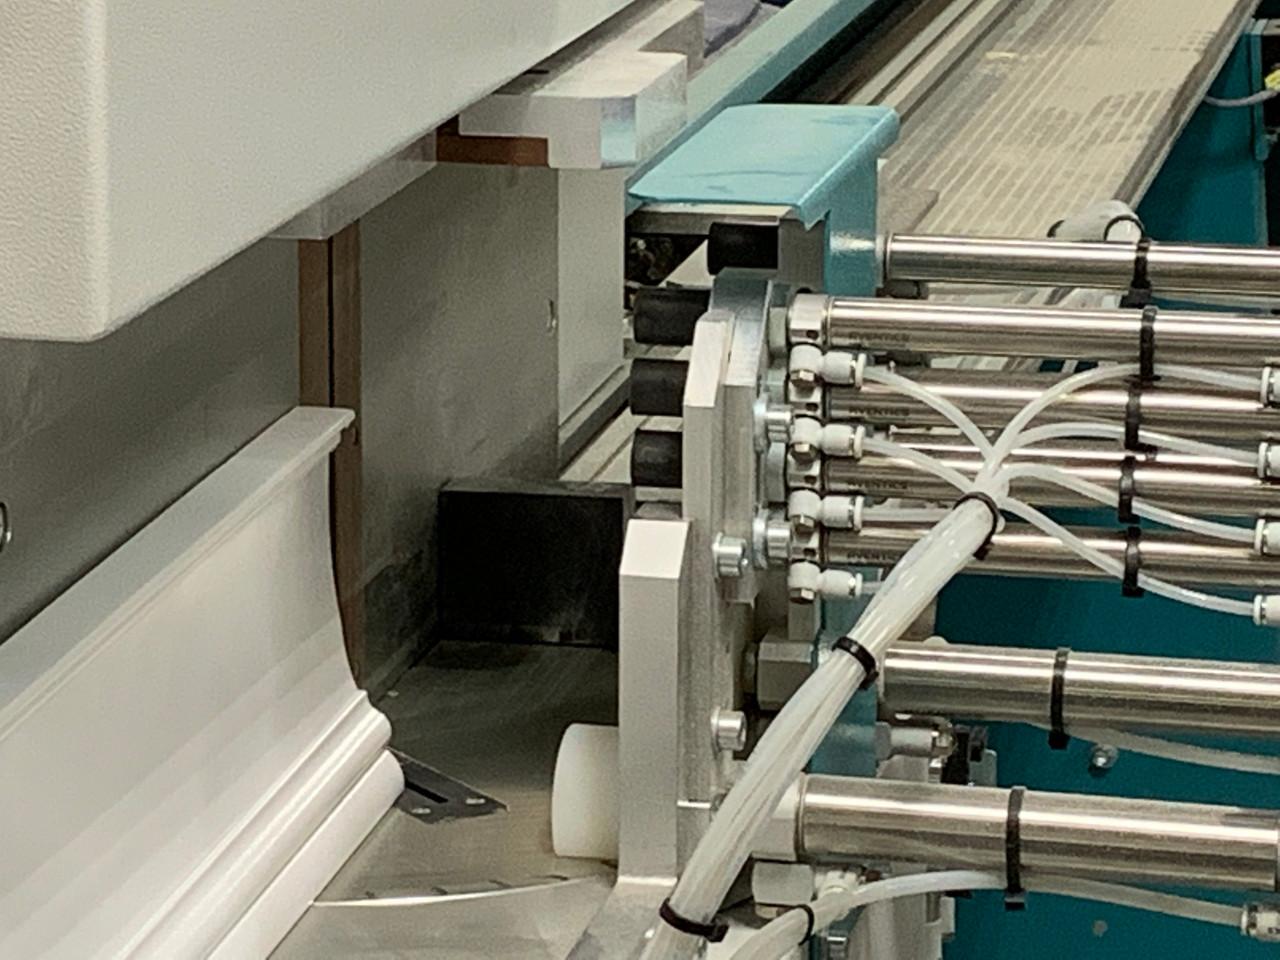 Hoffmann ACS-1 material clamp array